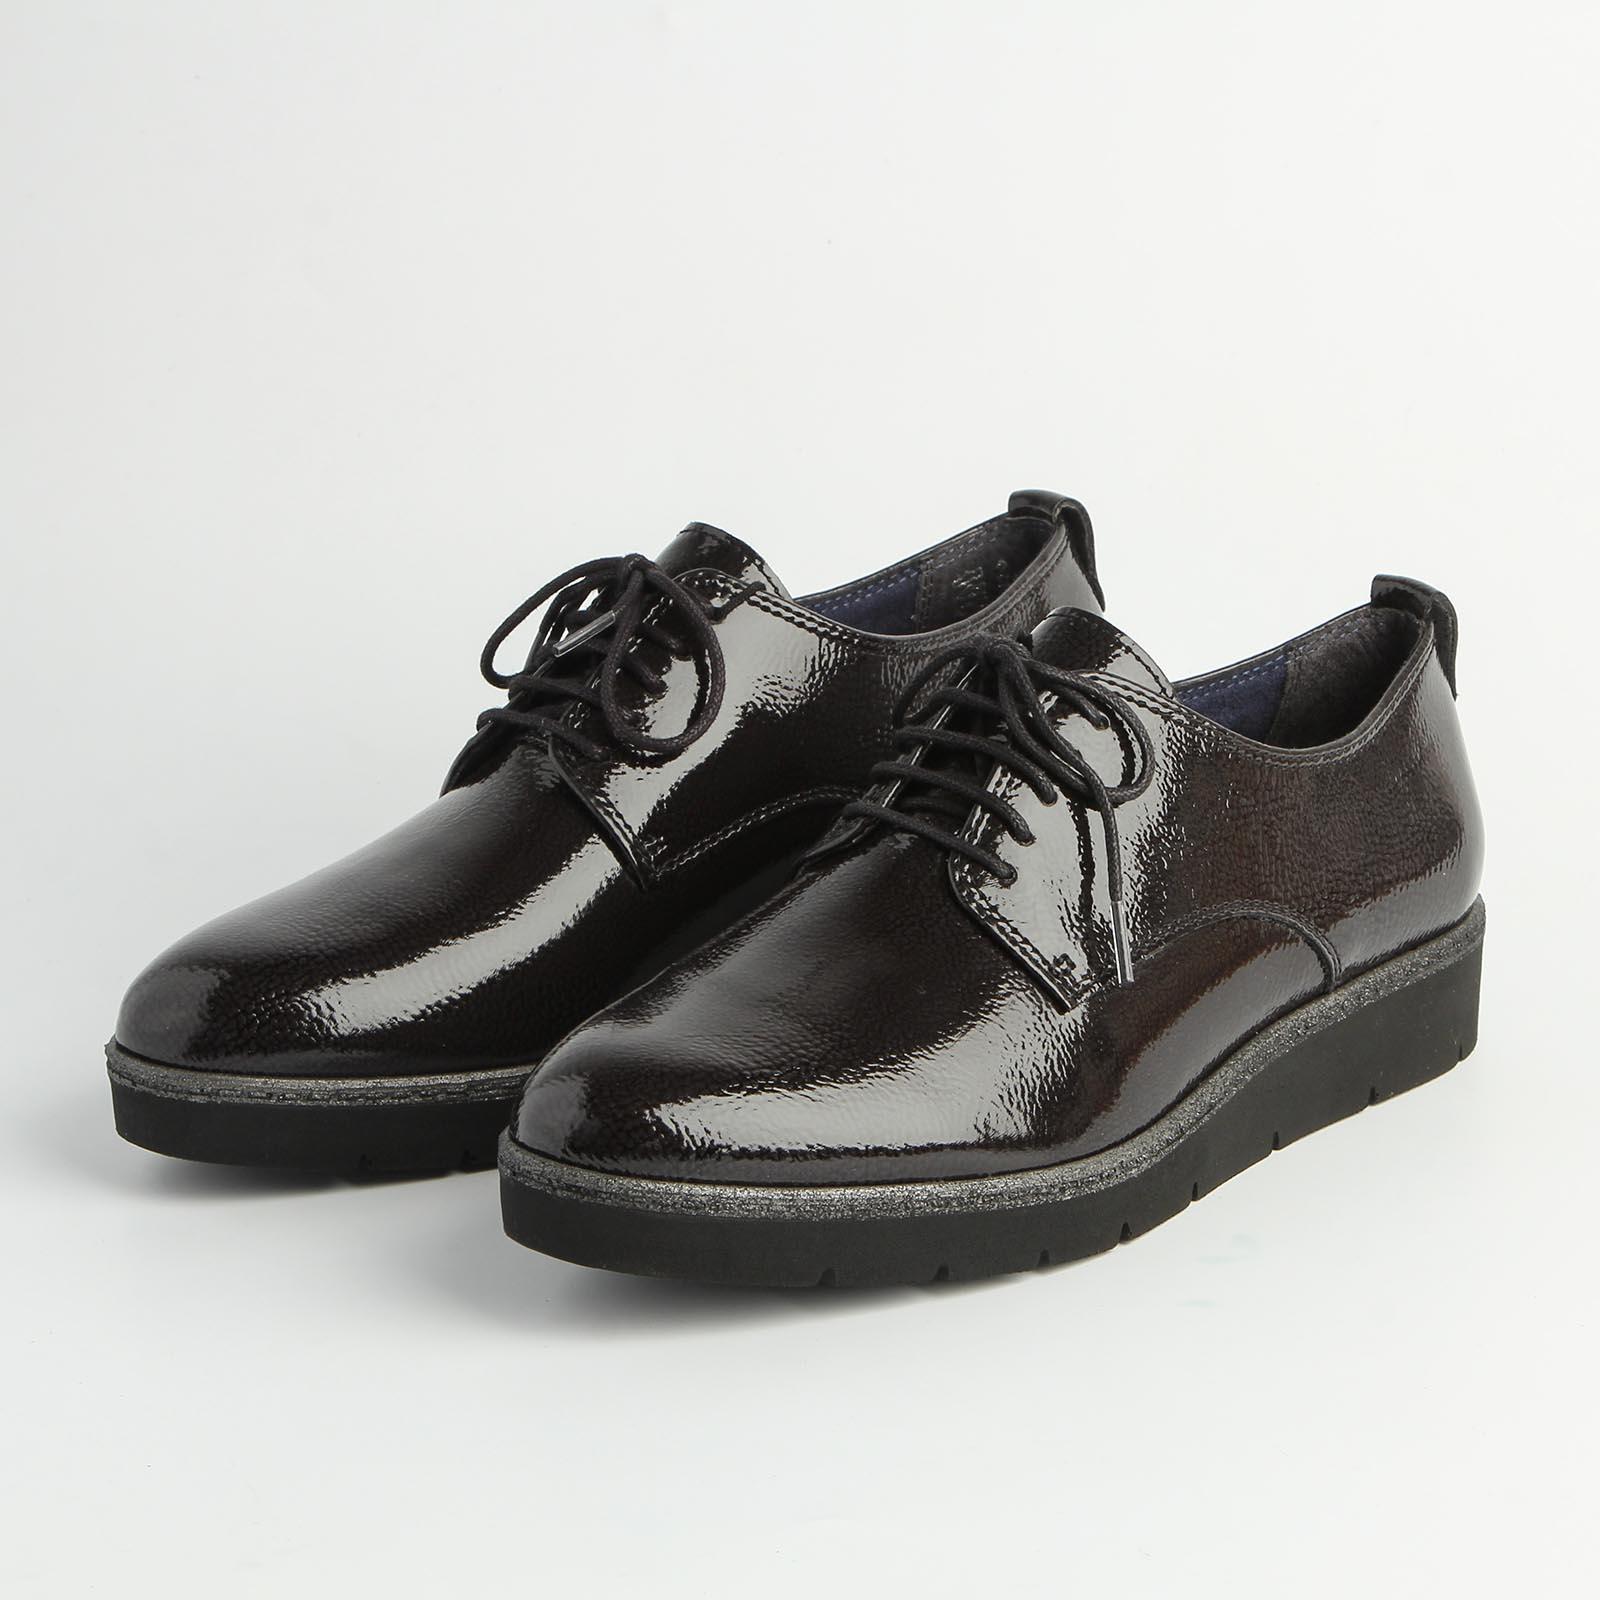 Ботинки женские на платформе со шнуровкой